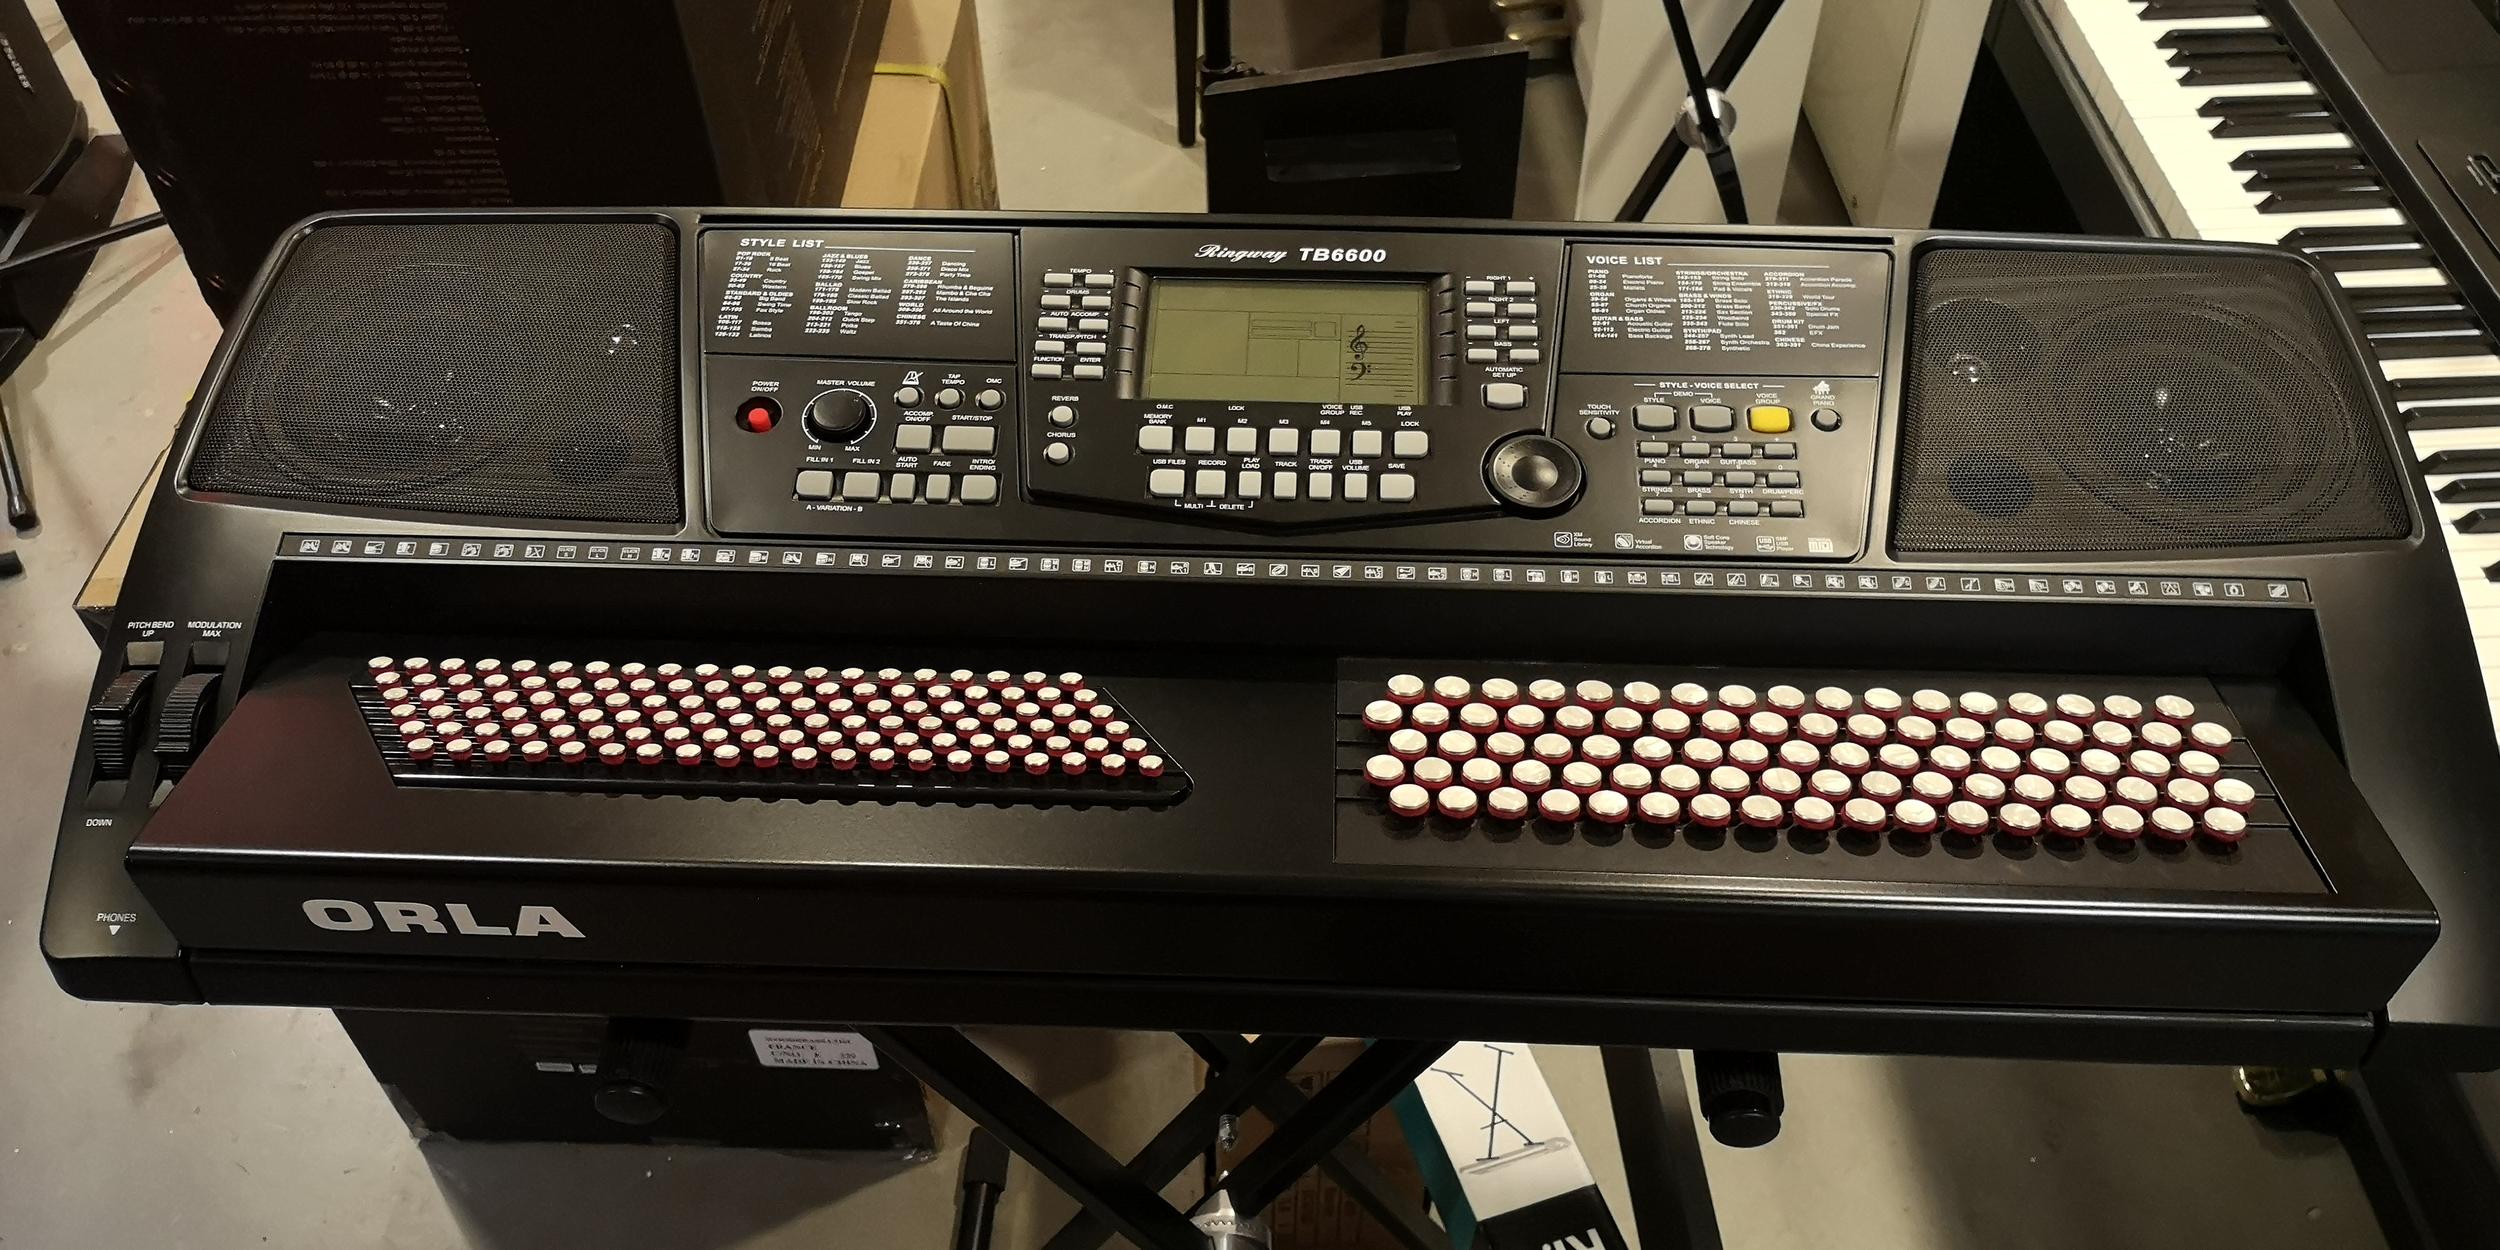 Synthé arrangeur ORLA KX 10 Accordéon touches boutons